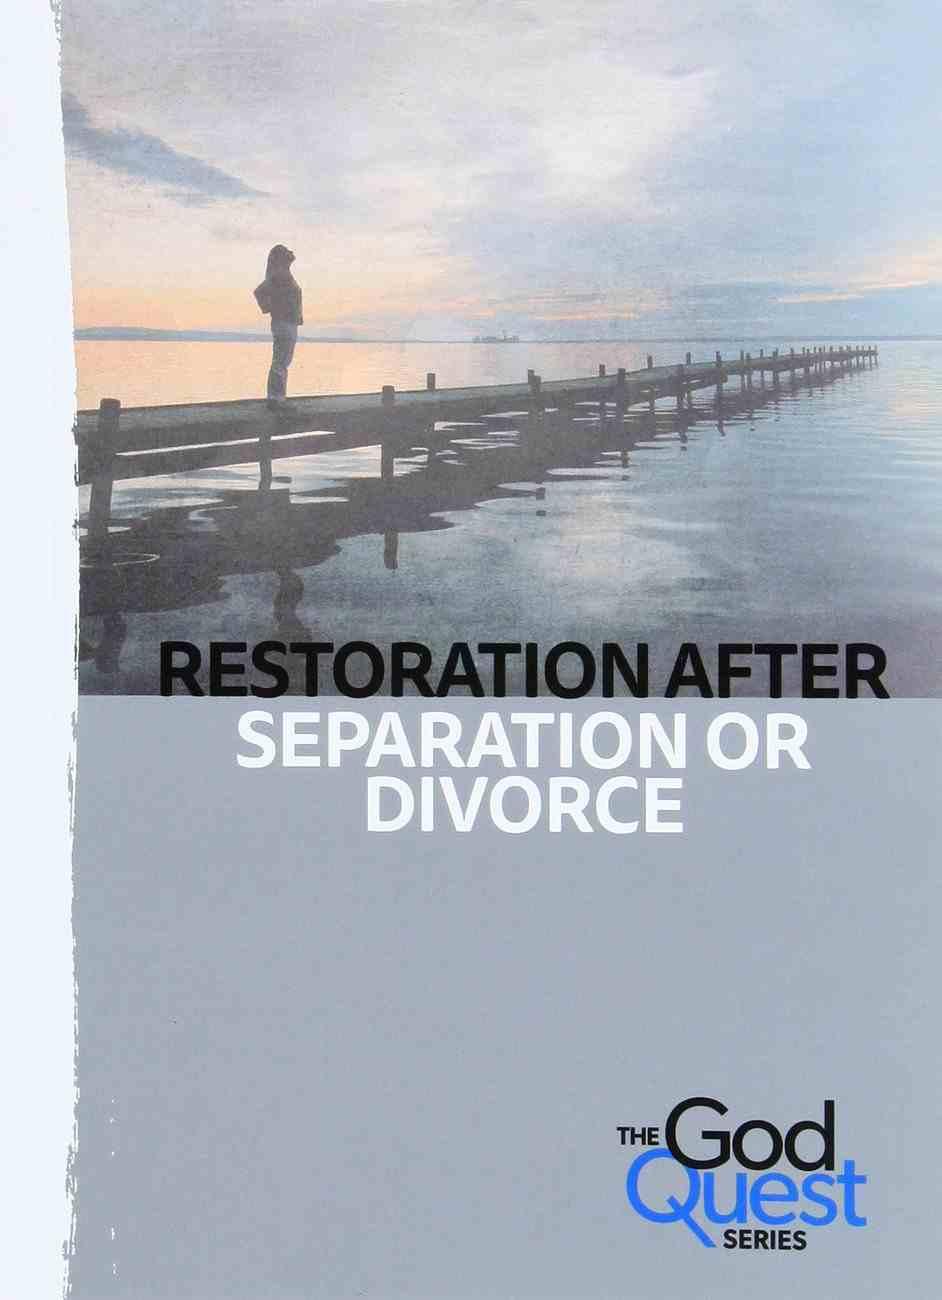 Restoration After Separation Or Divorce (#11 in The God Quest Series) Booklet